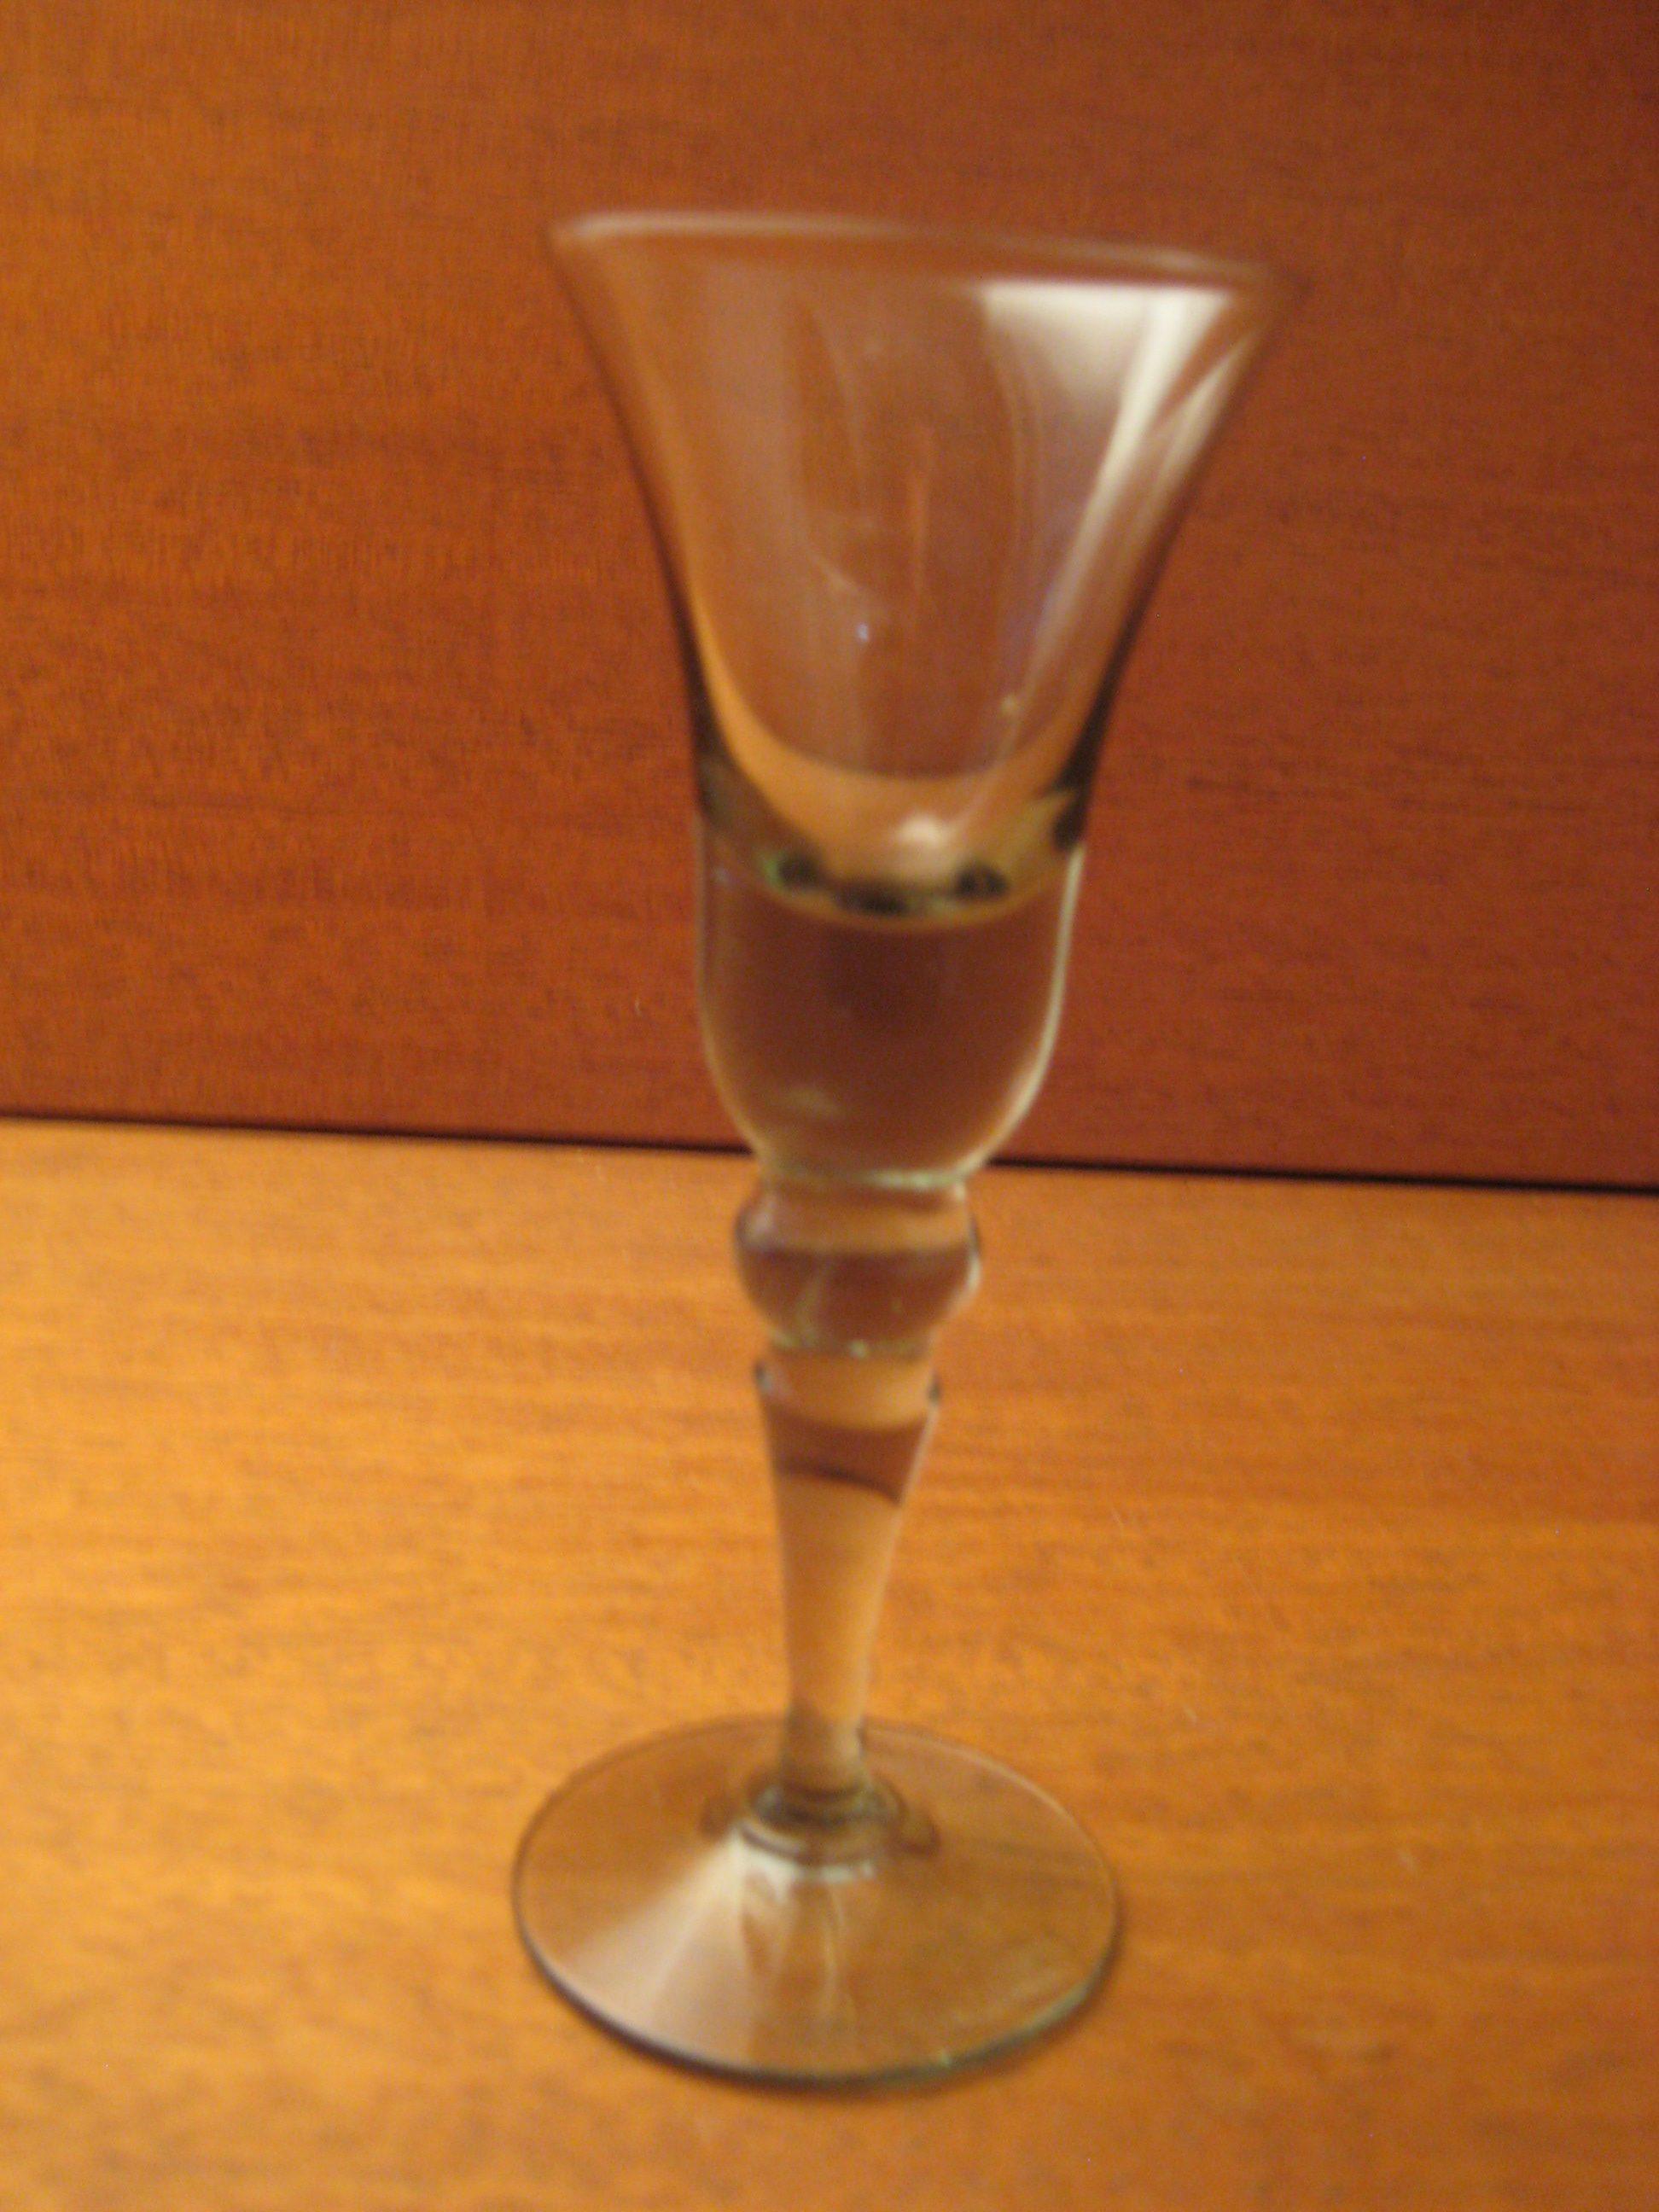 Klokkeglas fra Holmegaard